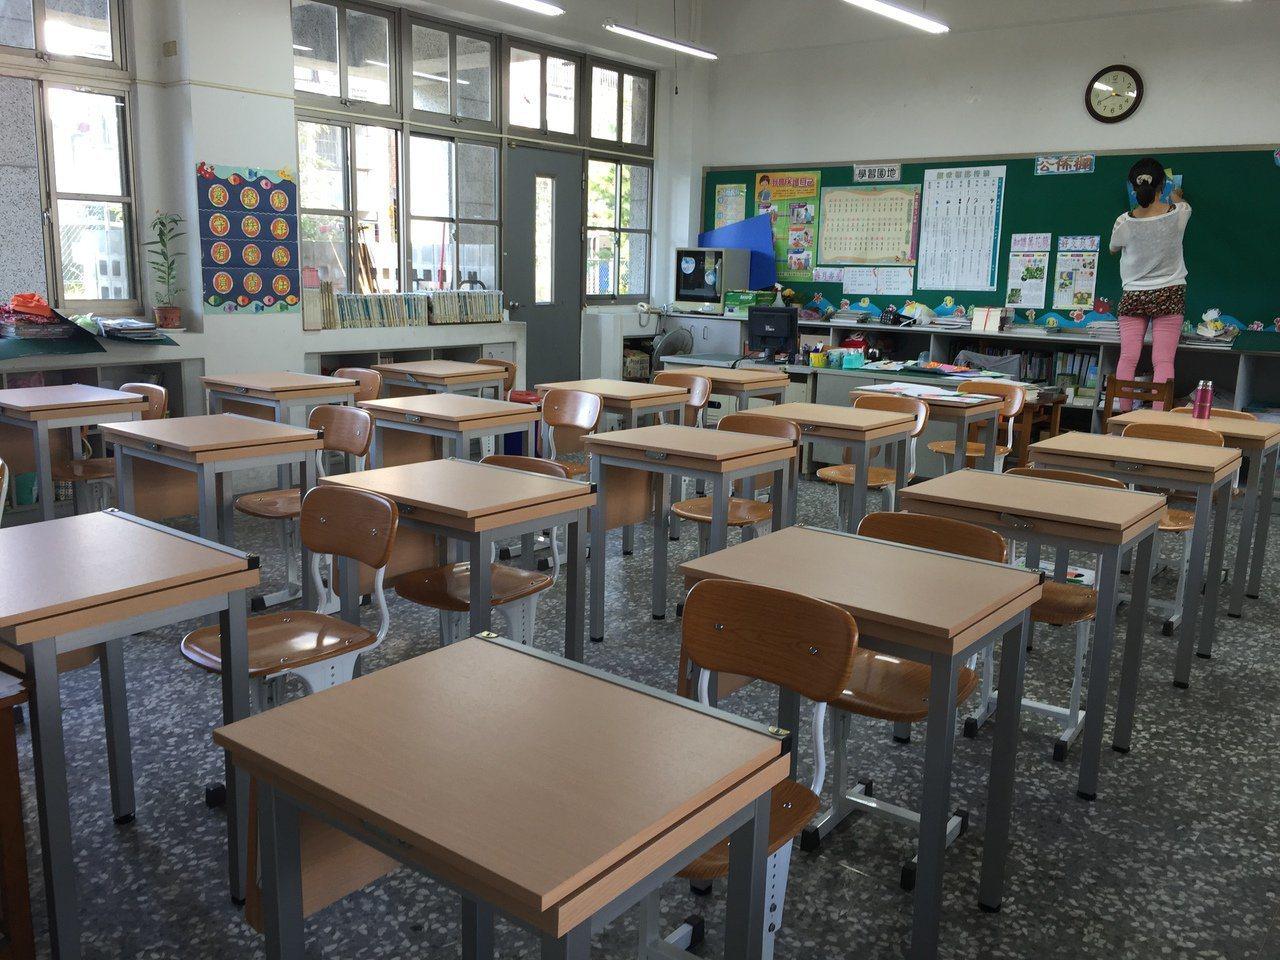 舊式課桌椅(左)與新式課桌椅(右)。